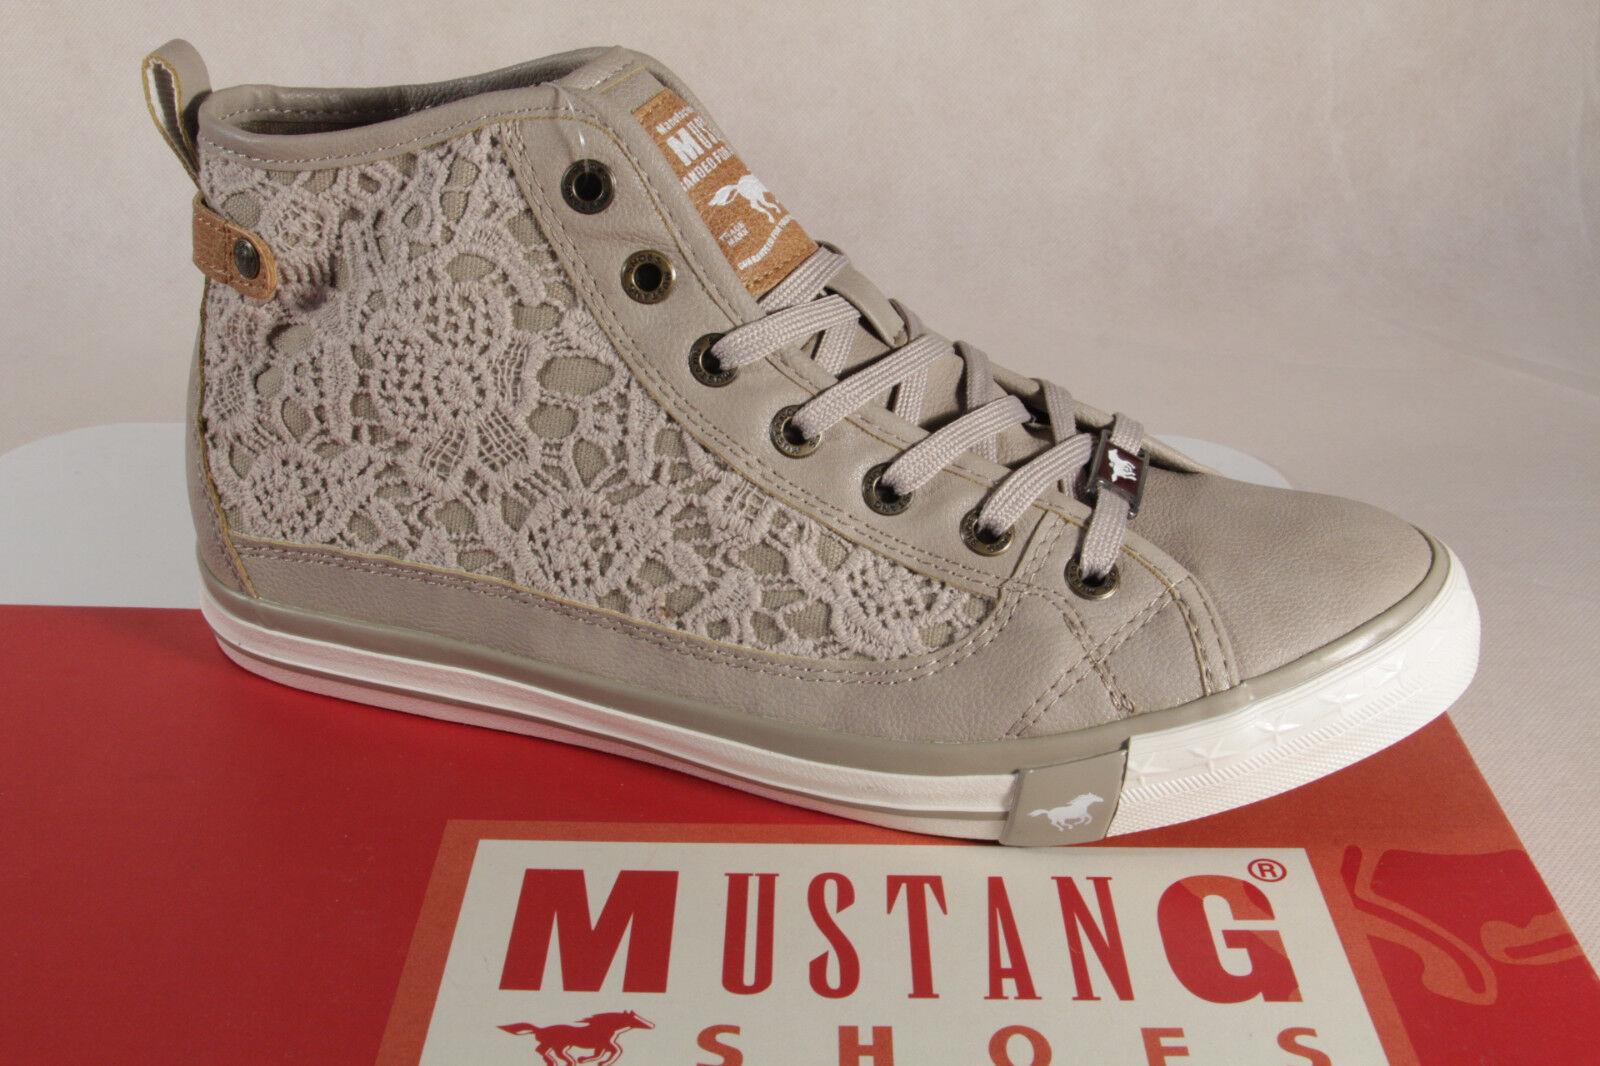 Zapatos promocionales para hombres y mujeres MUSTANG Zapatos de cordones Deportiva baja beige , suela de goma 1146 NUEVO